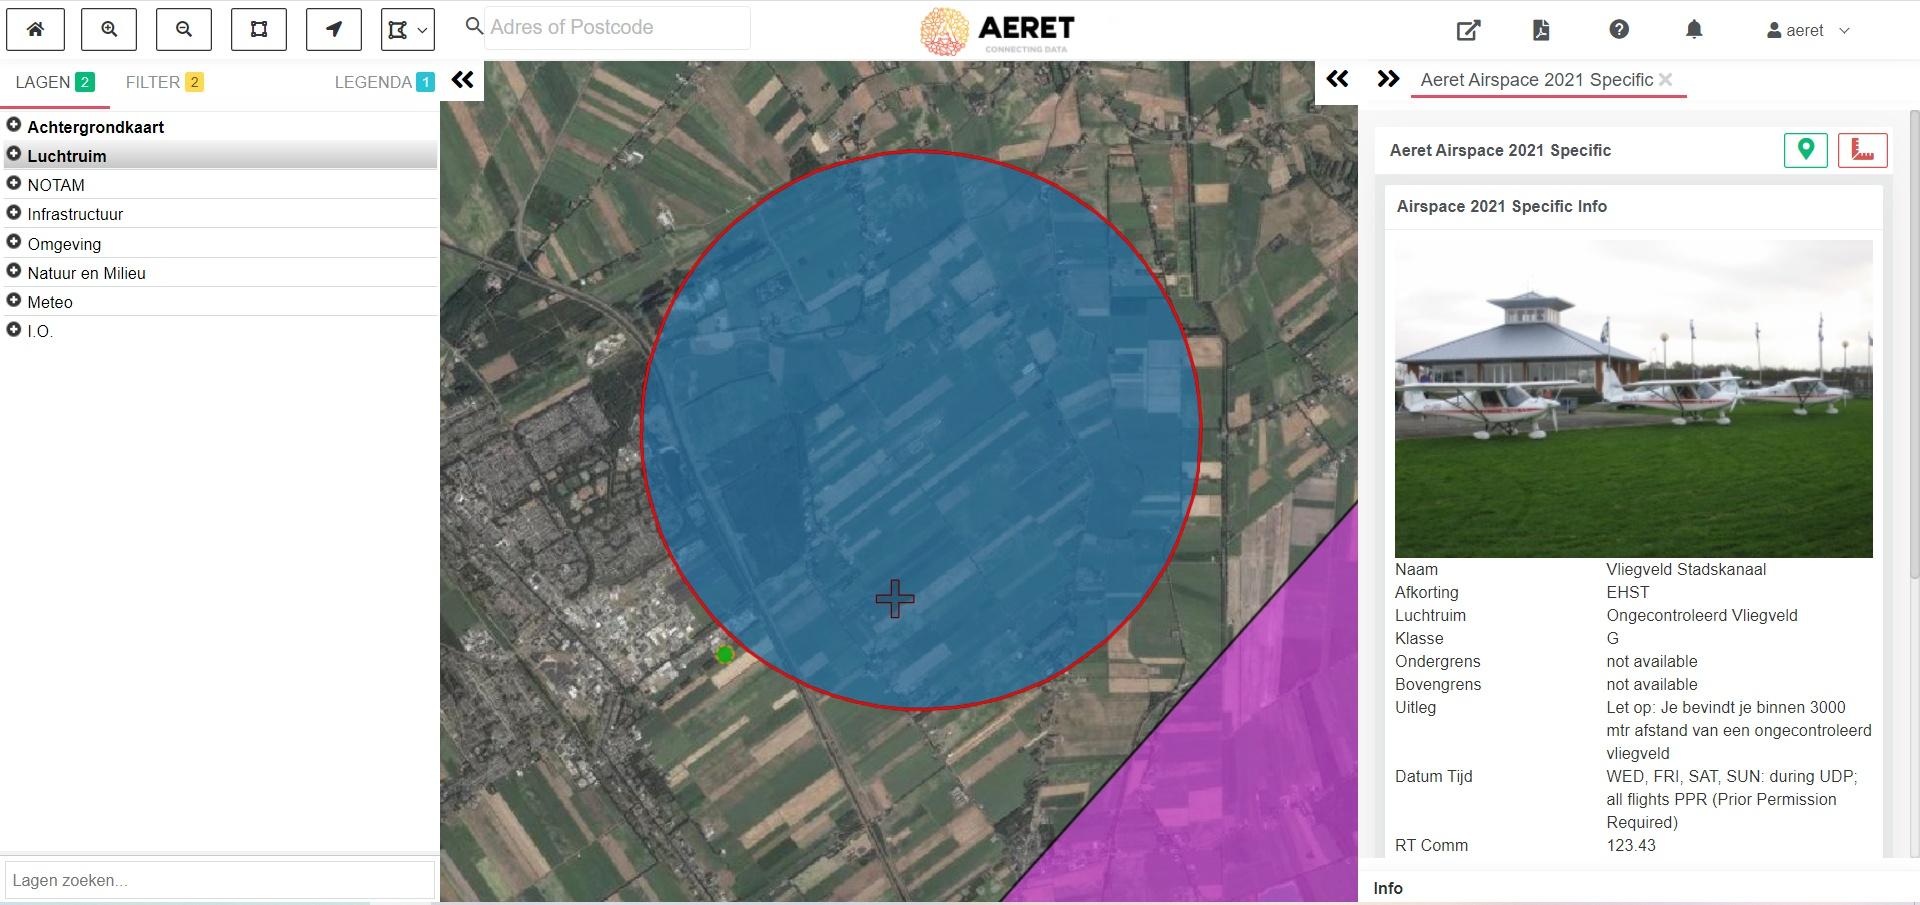 drone preflight pro kaart ongecontroleerd vliegveld zweefvliegen mla hangglider open specific